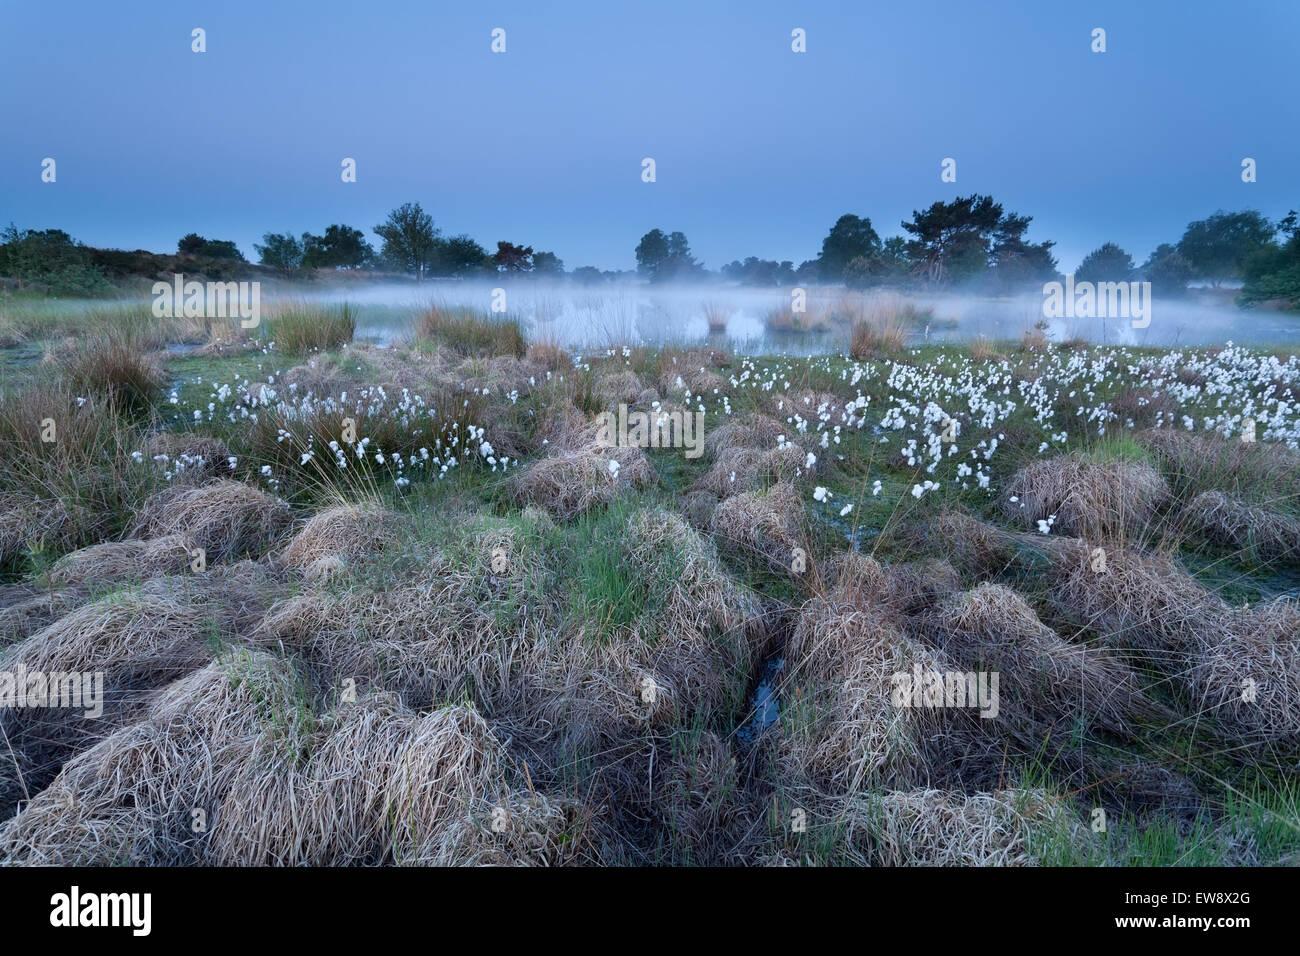 dusk on misty swamp, North Brabant, Netherland - Stock Image